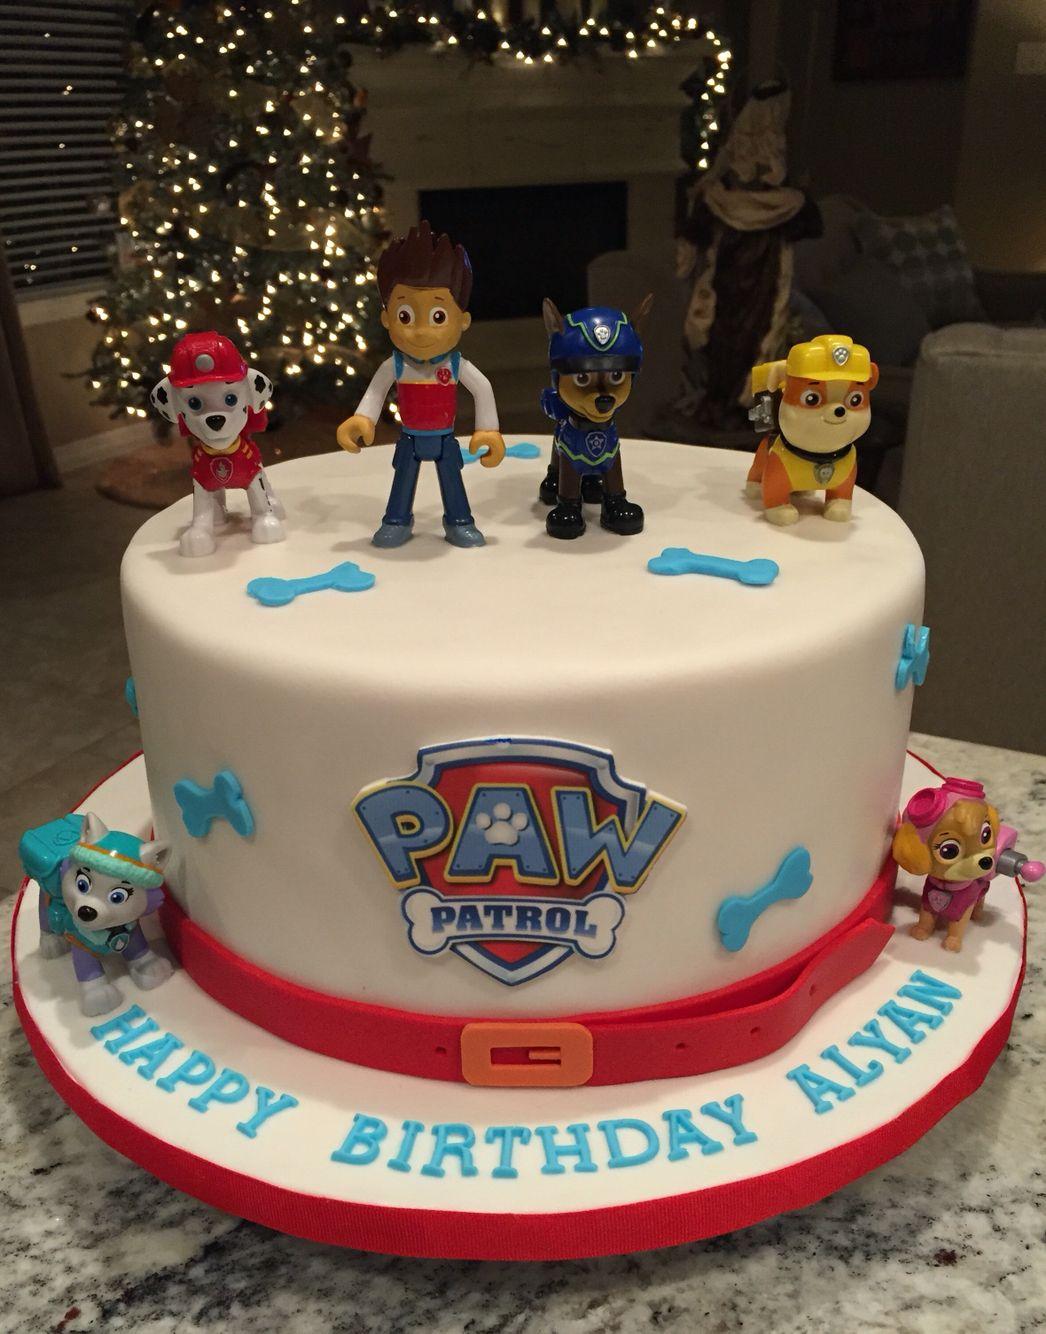 Paw patrol birthday cake paw patrol birthday cake paw